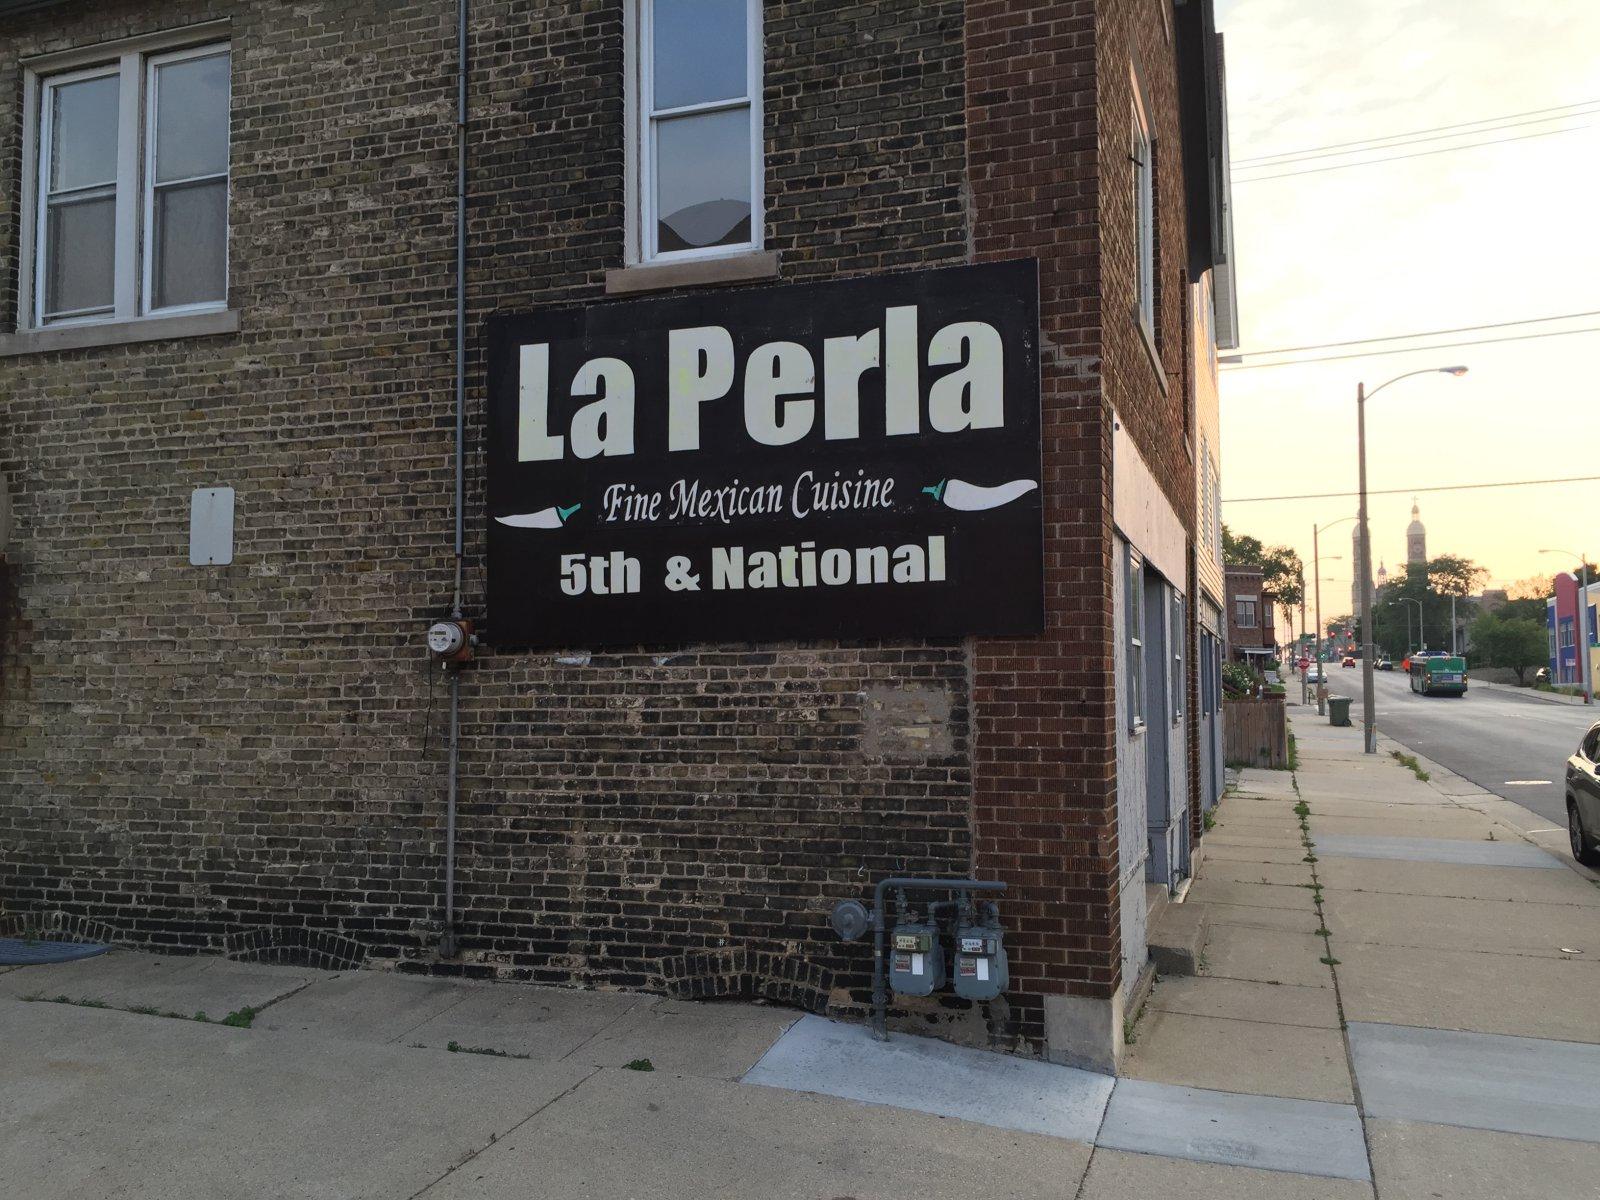 Sign for La Perla